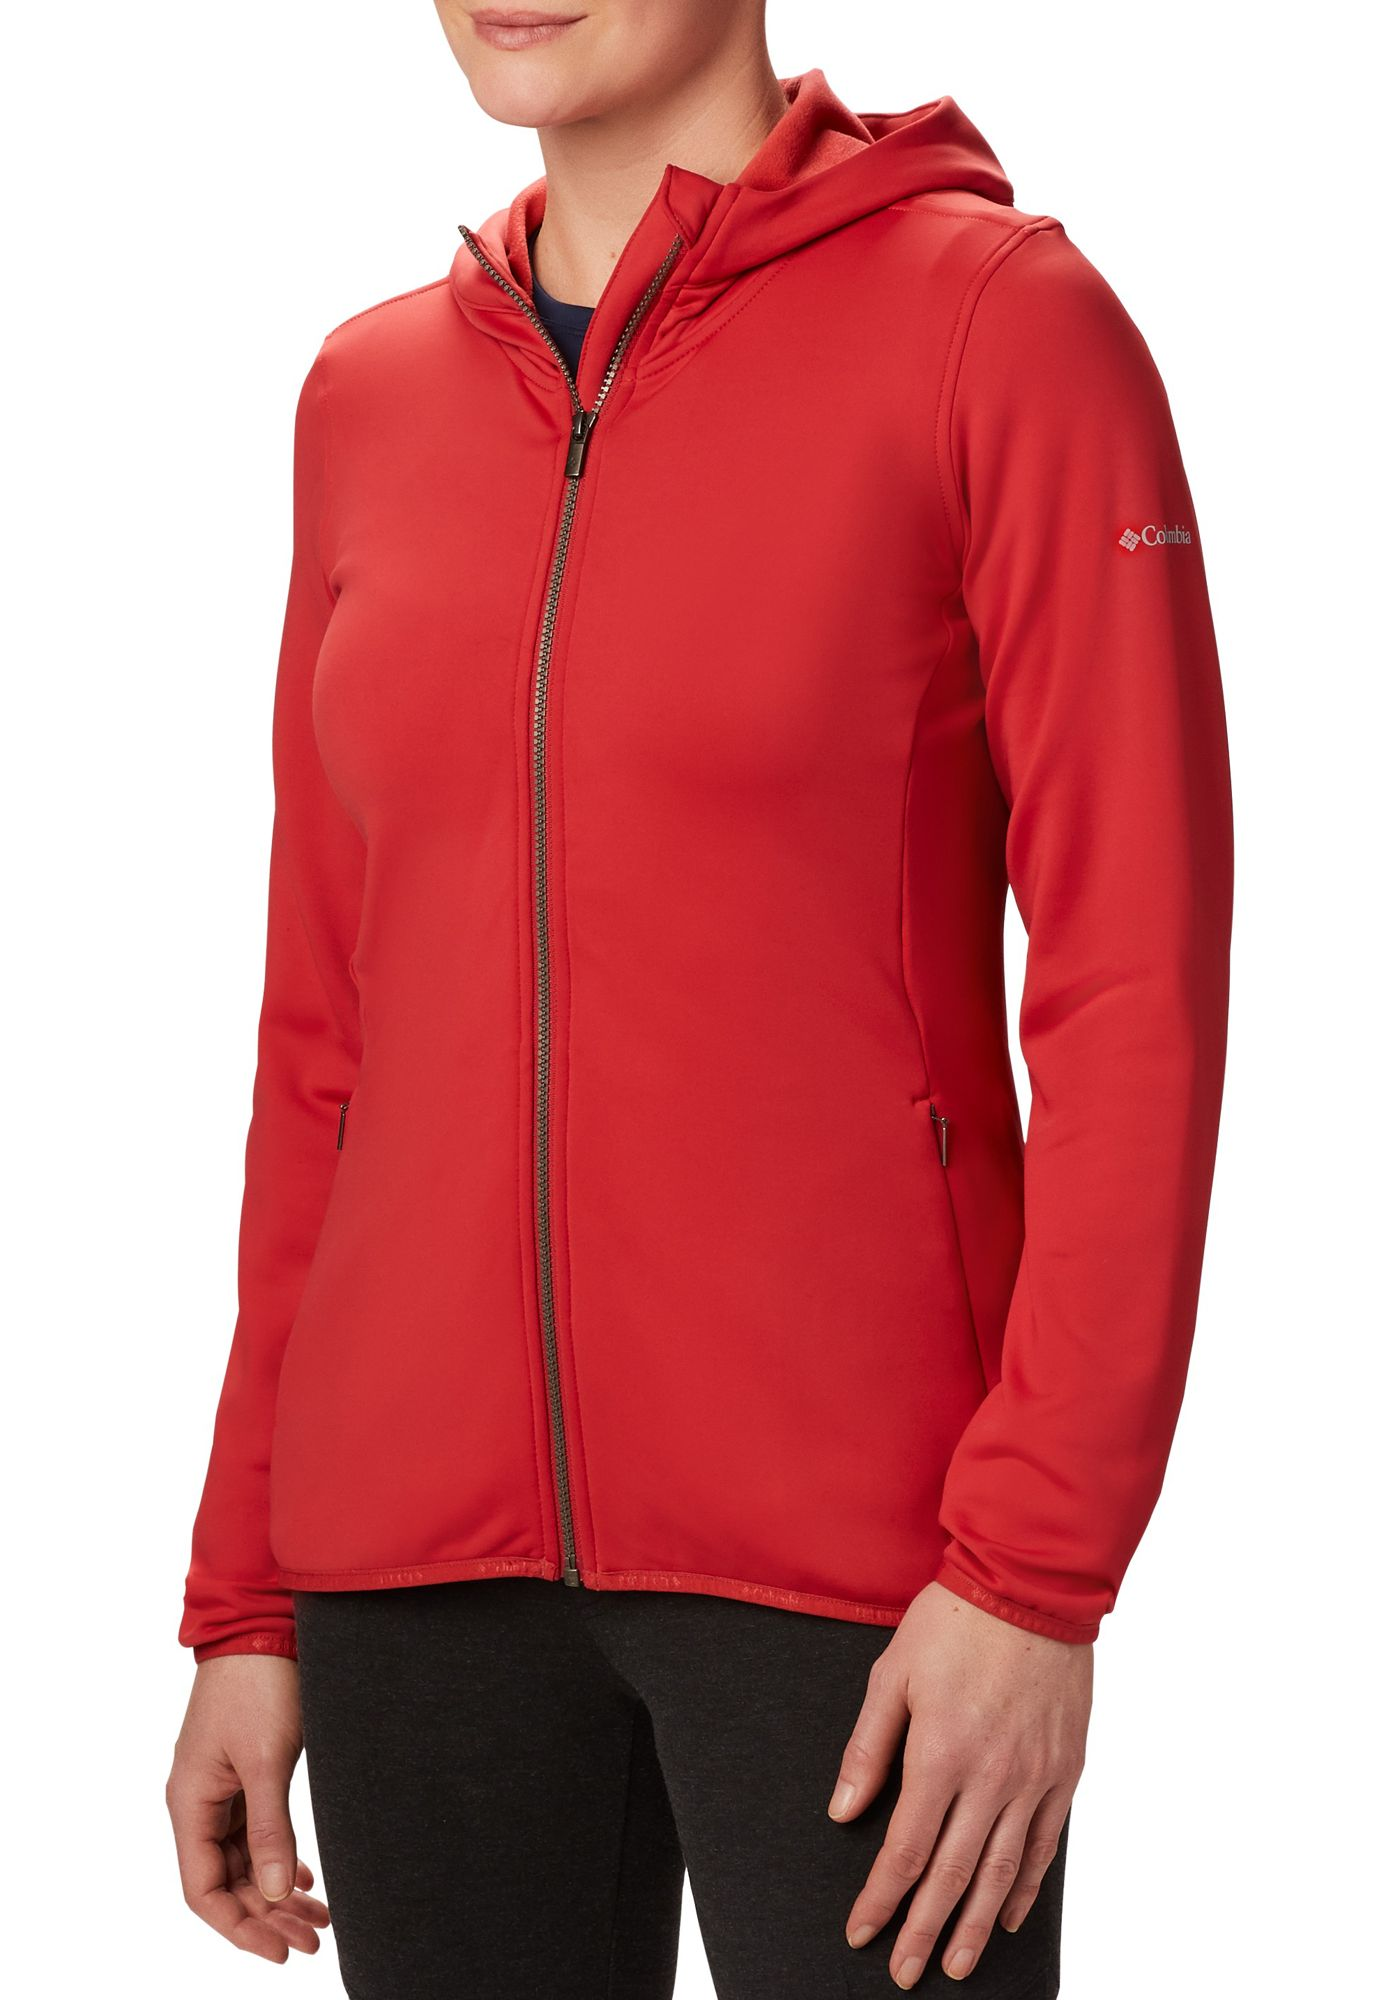 Columbia Women's Windgates Fleece Jacket